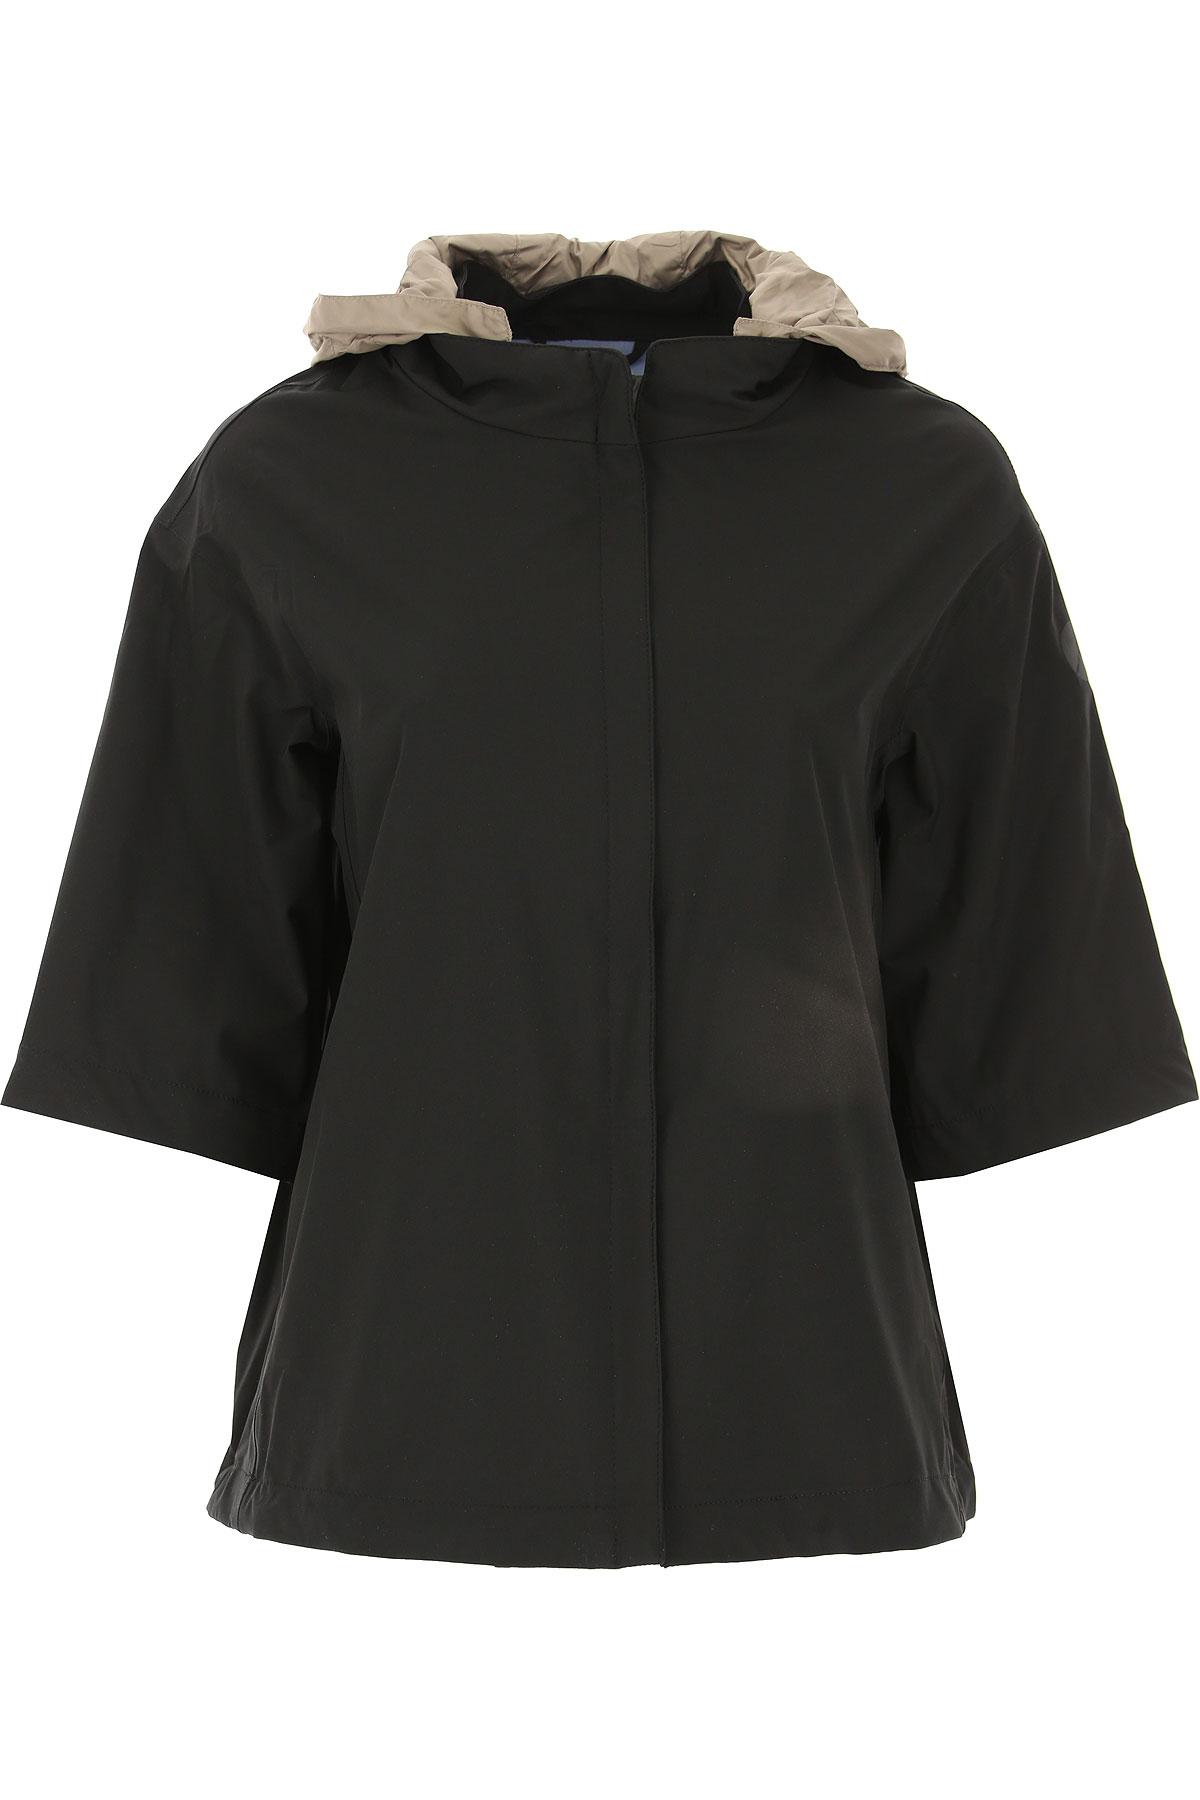 People of Shibuya Jacket for Women, Black, polyester, 2017, 6 8